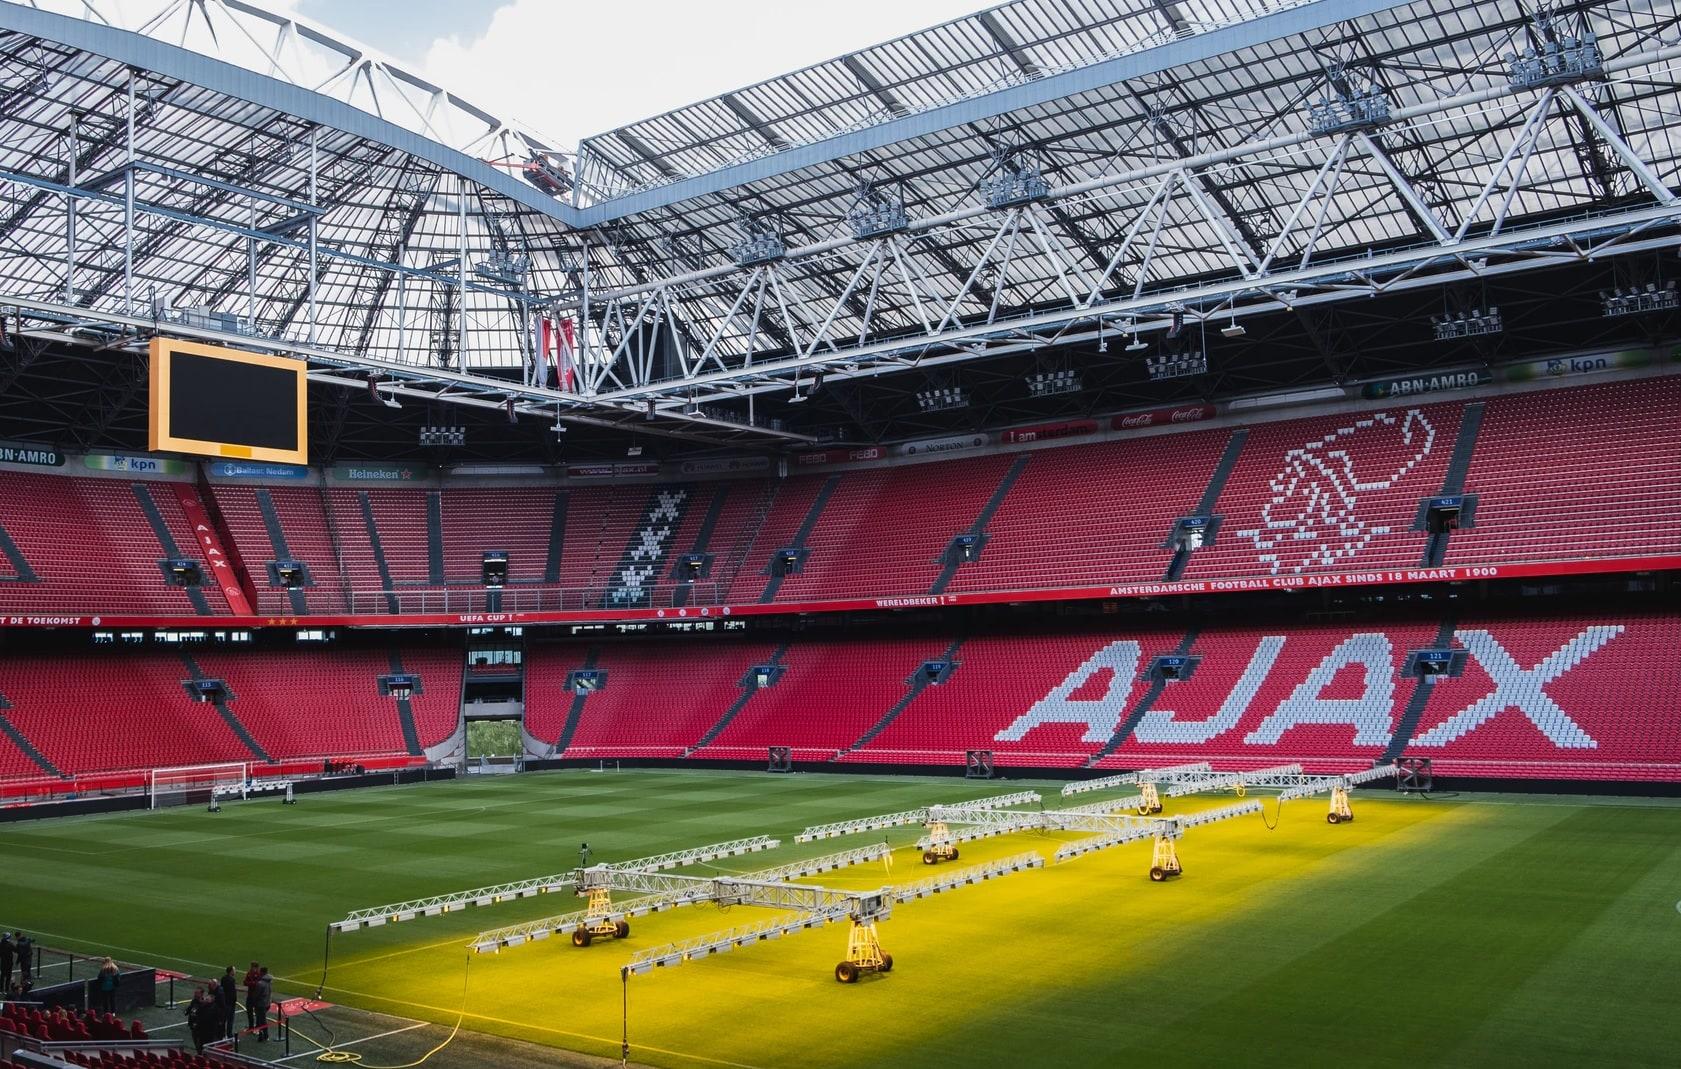 Analyse de l'opposition: l'Ajax 2020/21 avant la rencontre face au LOSC